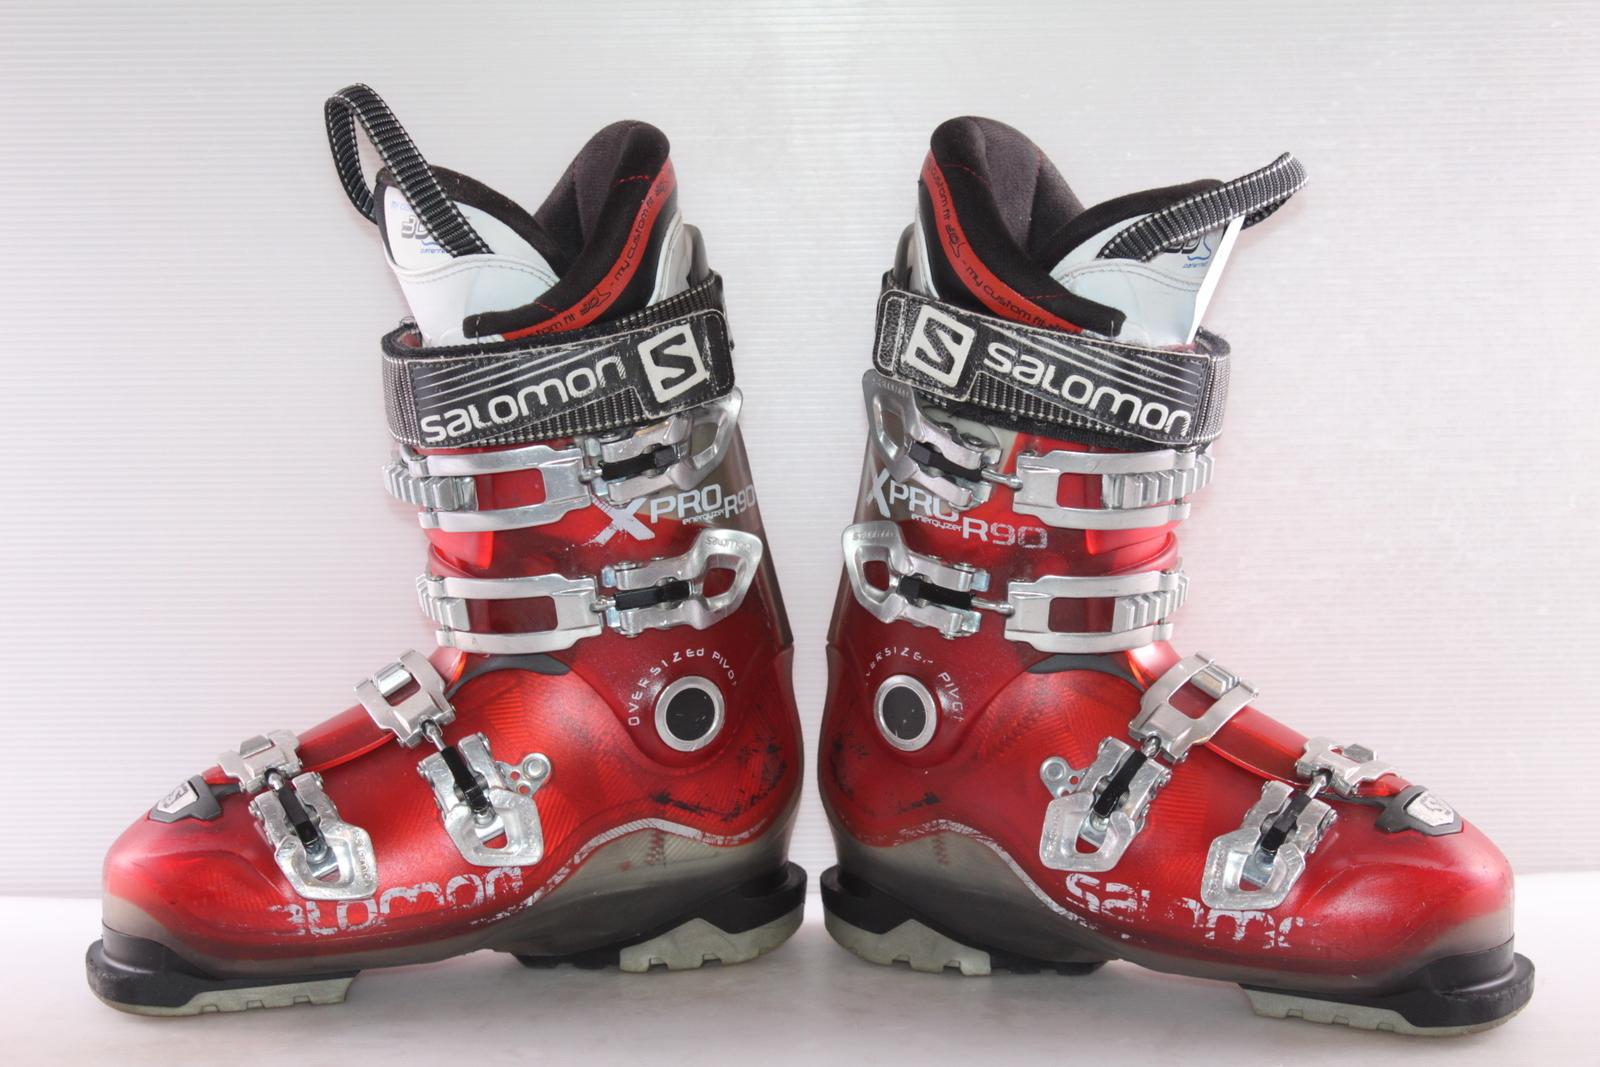 Lyžařské boty Salomon X Pro R90 vel. EU40 flexe 90